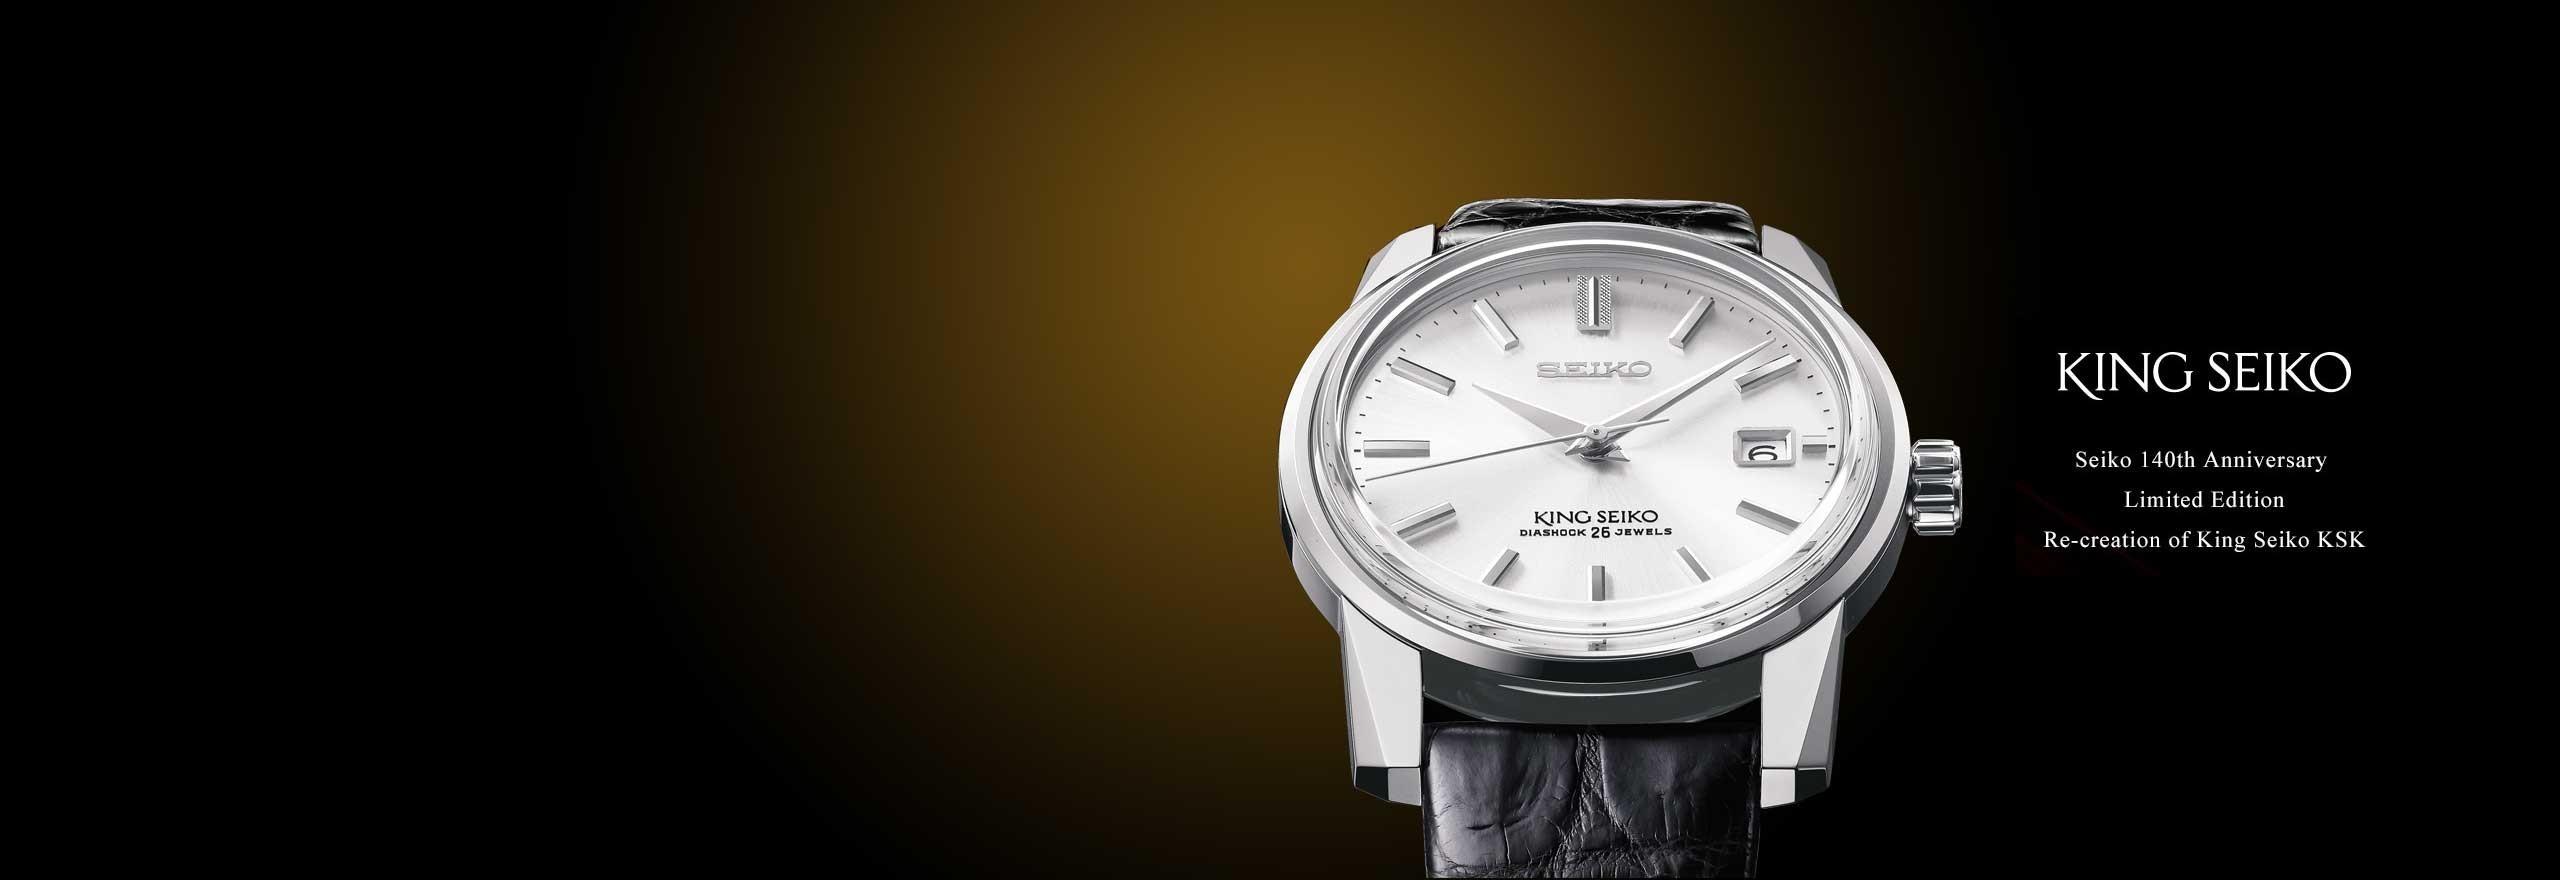 Reloj King Seiko. Seiko Boutique Tienda Online Oficial